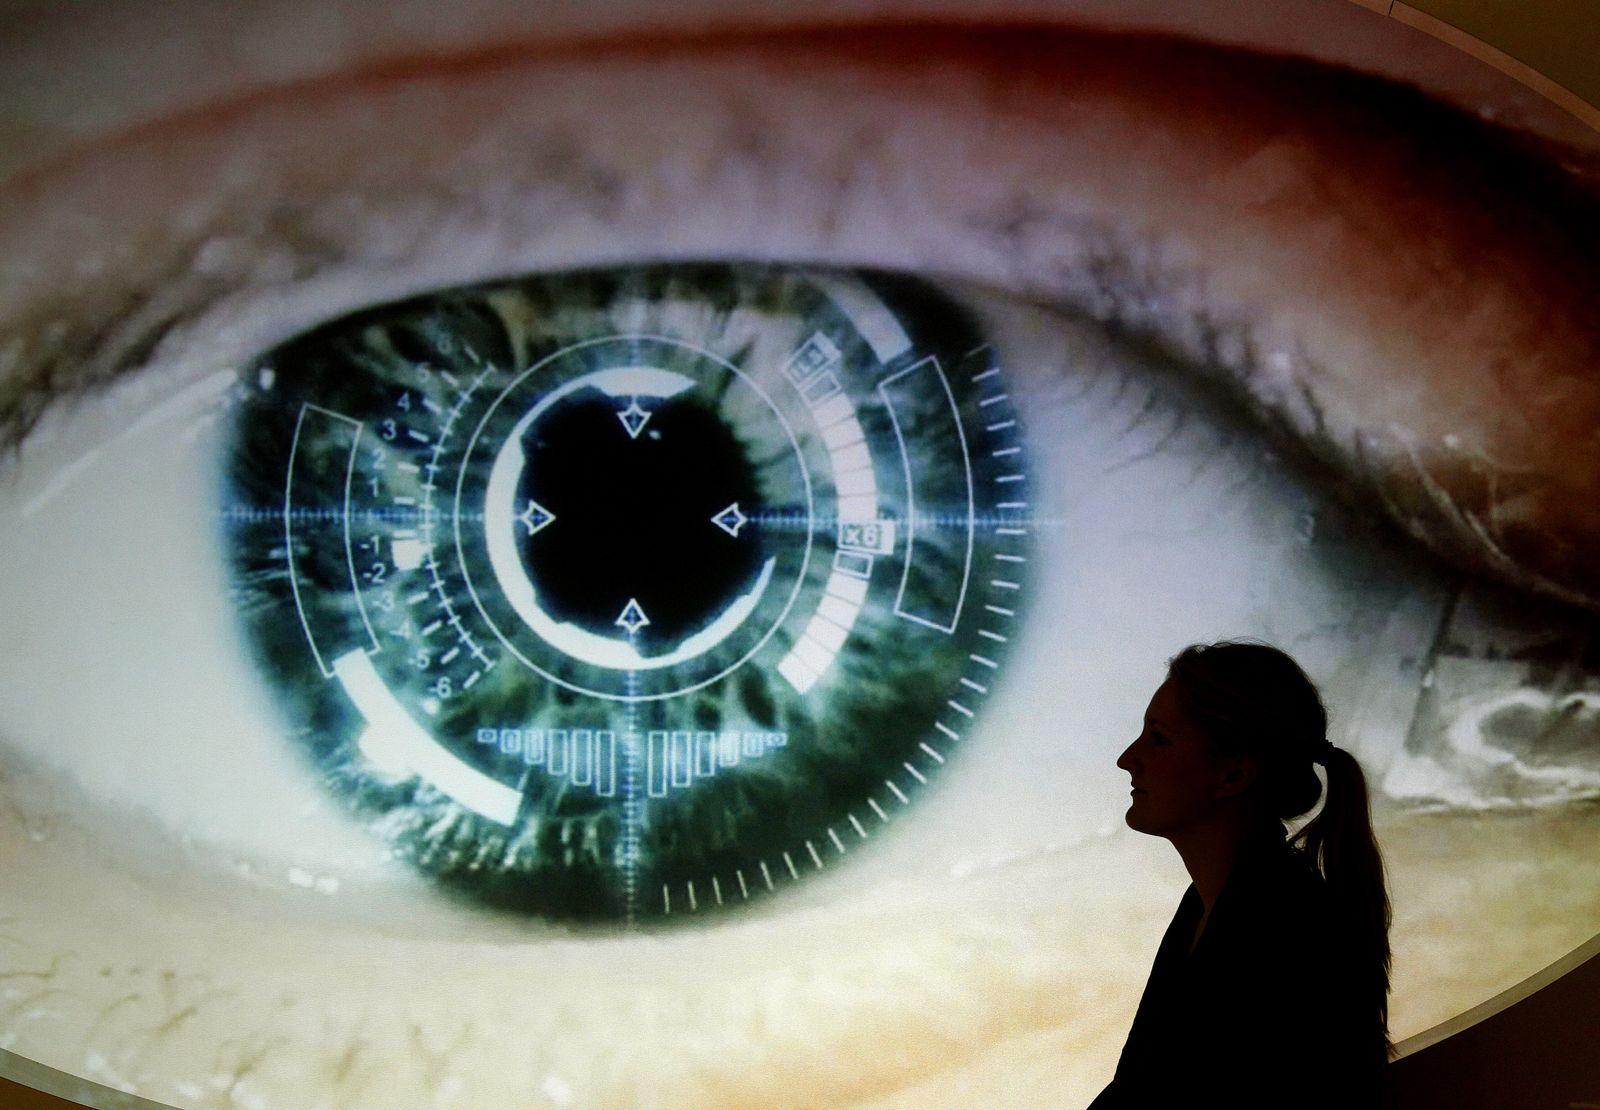 EINMALIGE VERWENDUNG NICHT BESCHNITT ÄNDERN Spionageausstellung Top Secret Auge Überwachung